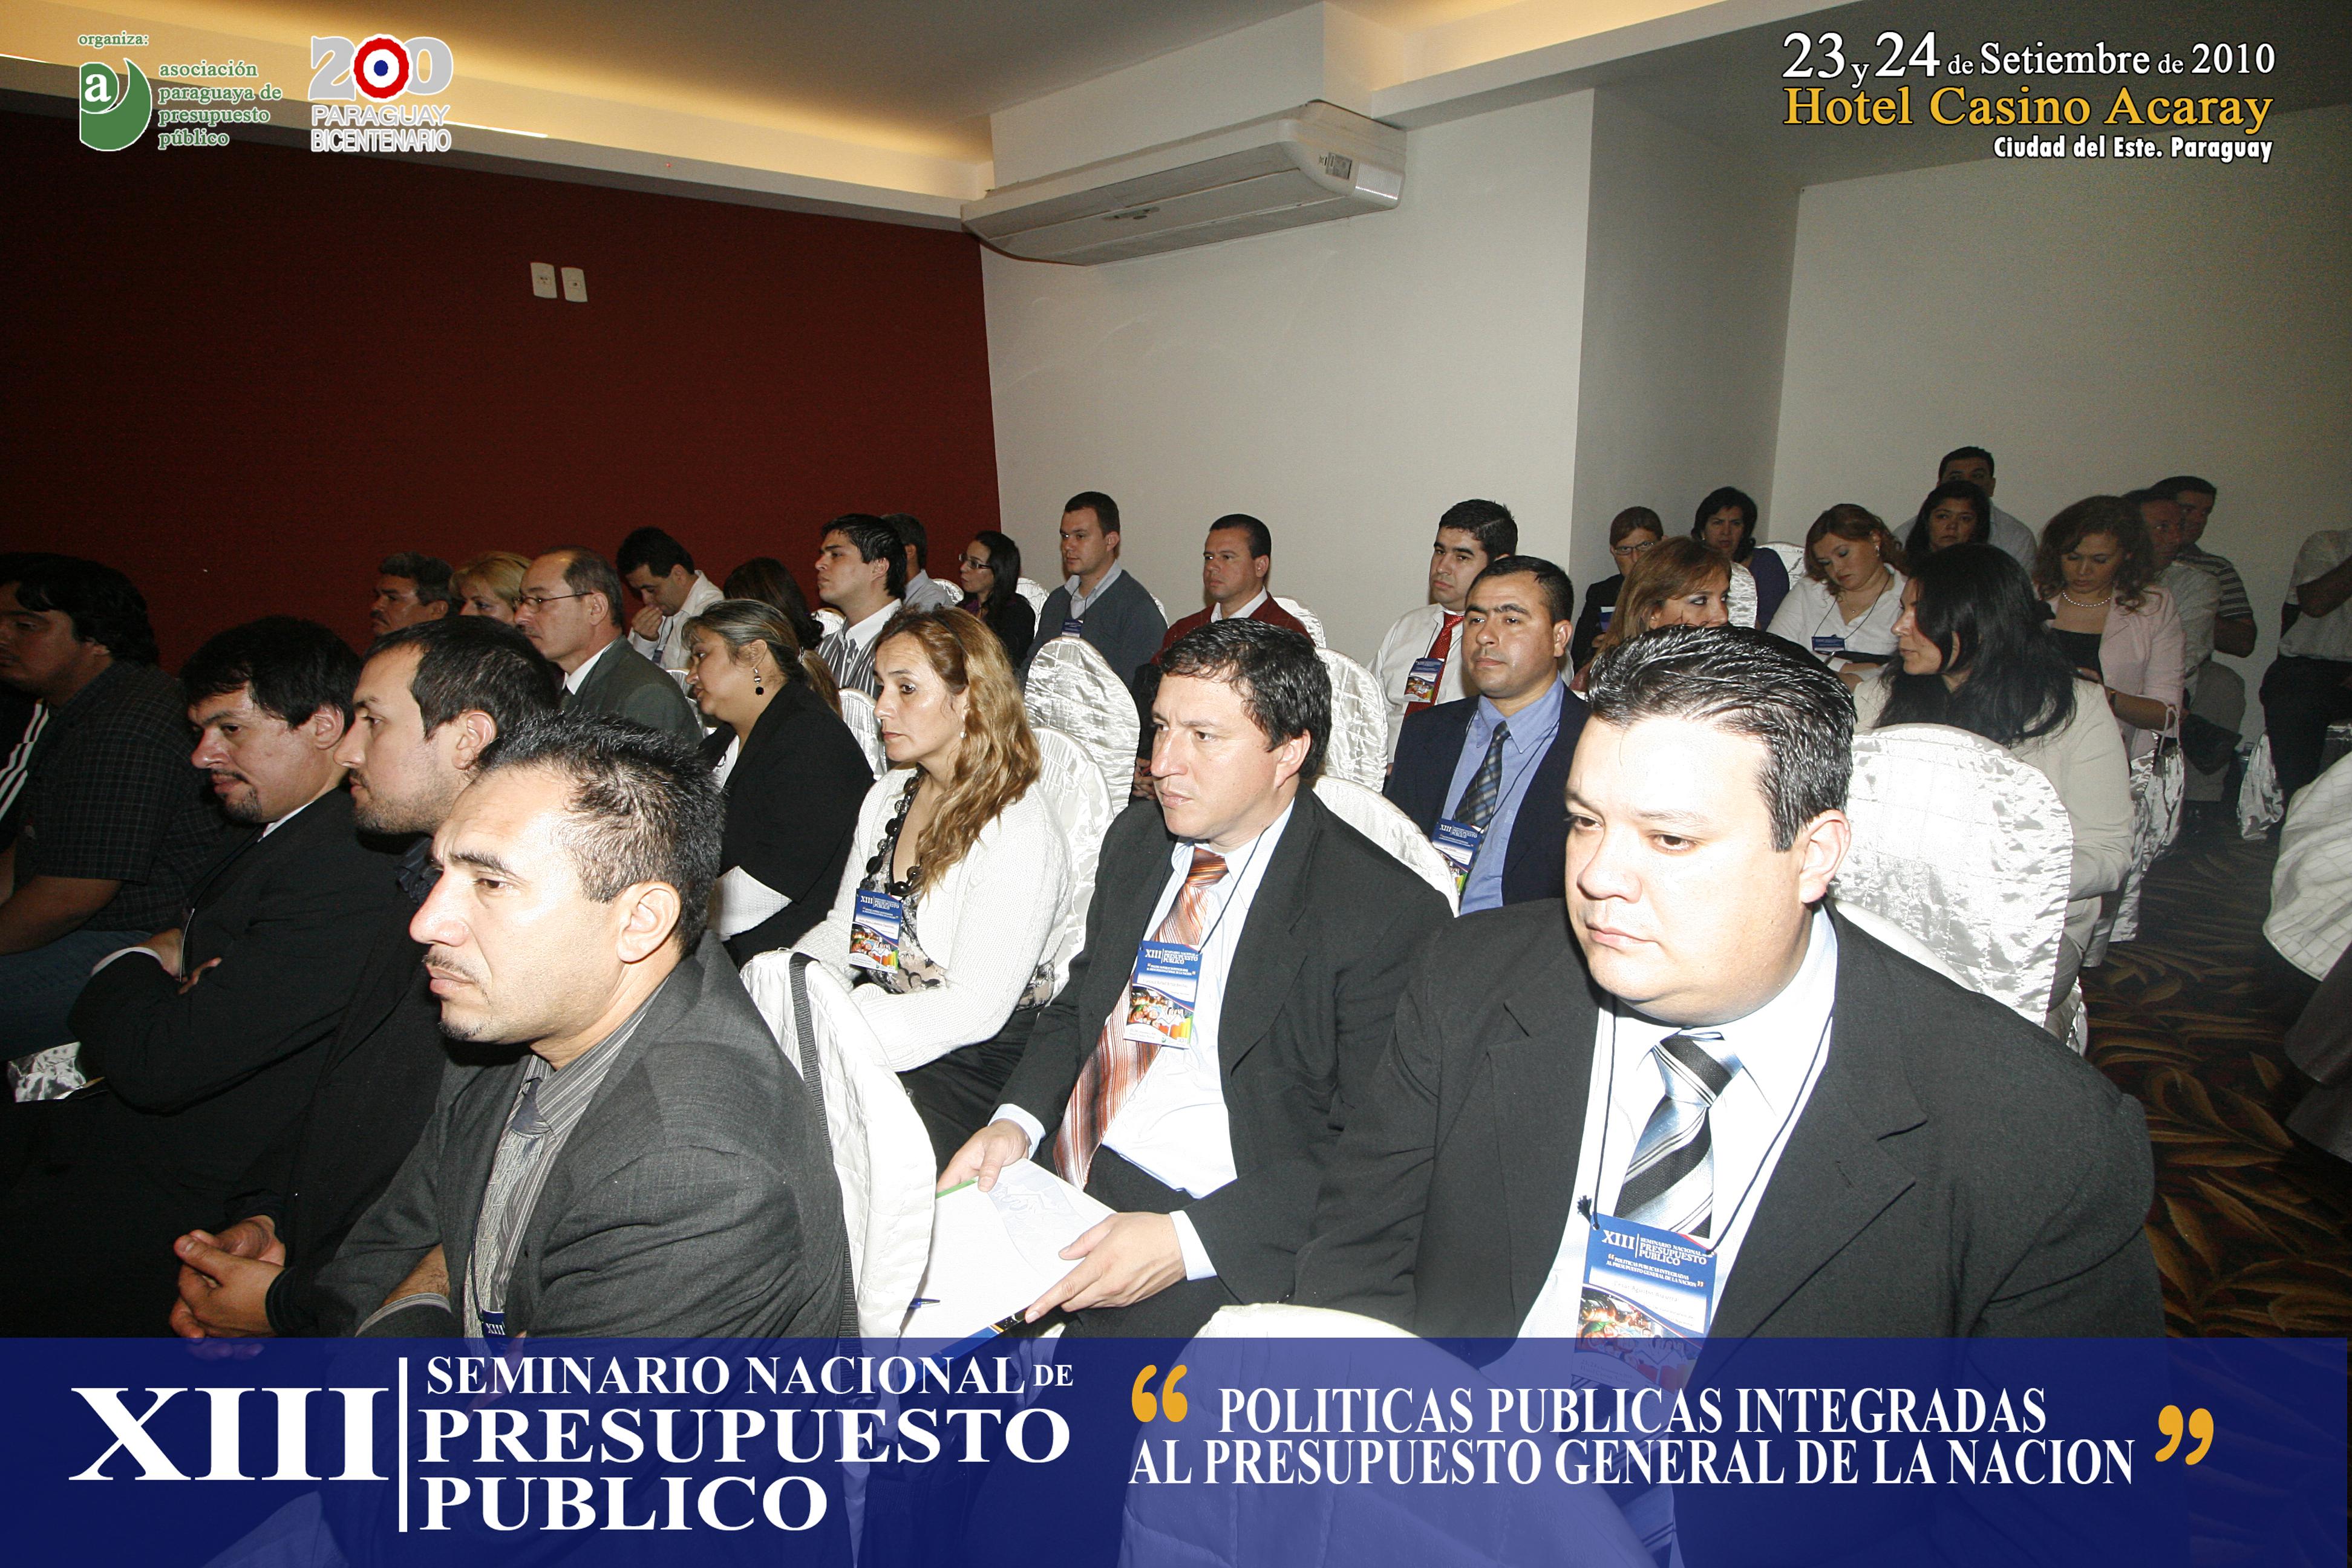 ciudad de mxico single parent dating site La ciudad de león acogerá los próximos días 12 y 13 de junio la conferencia europea de diseño para todos y including single disability groups.